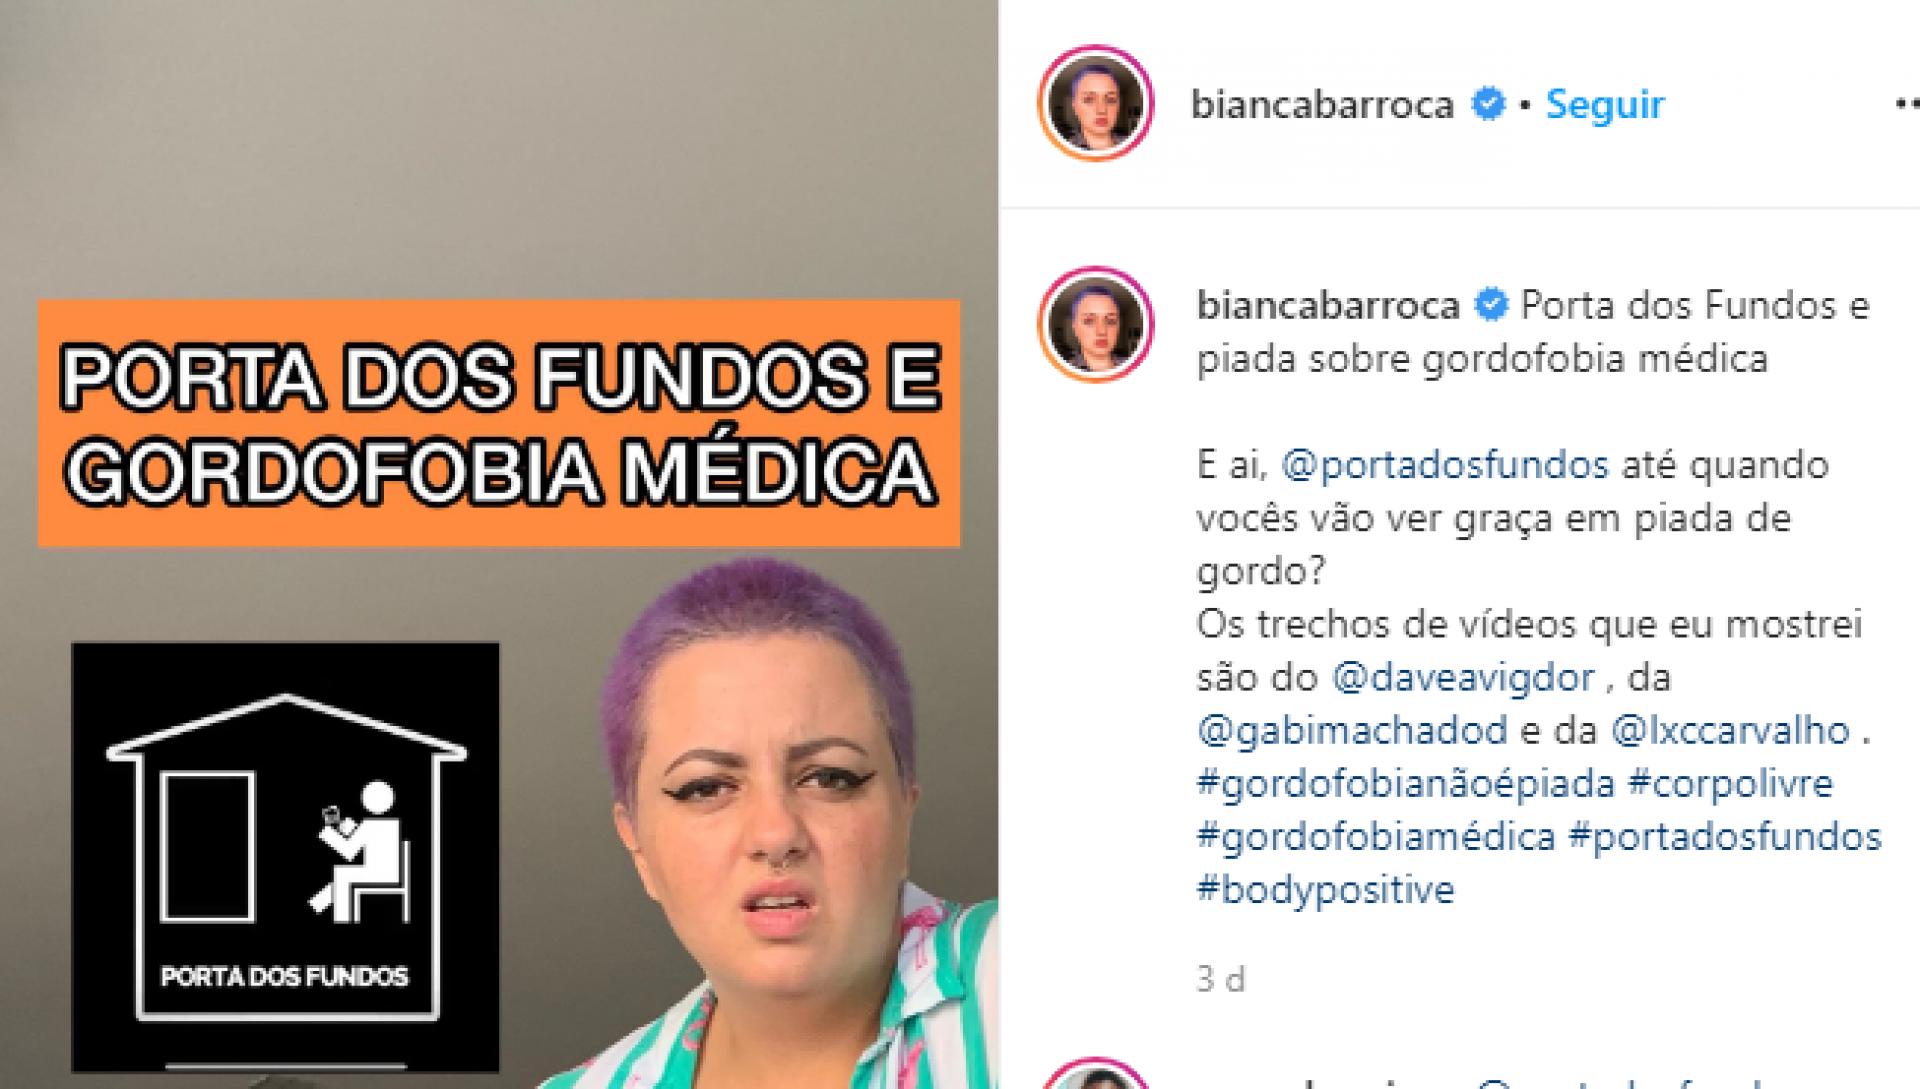 Imagem 1: Bianca fez vídeo sobre conteúdo gordofóbico do canal Porta dos Fundos.